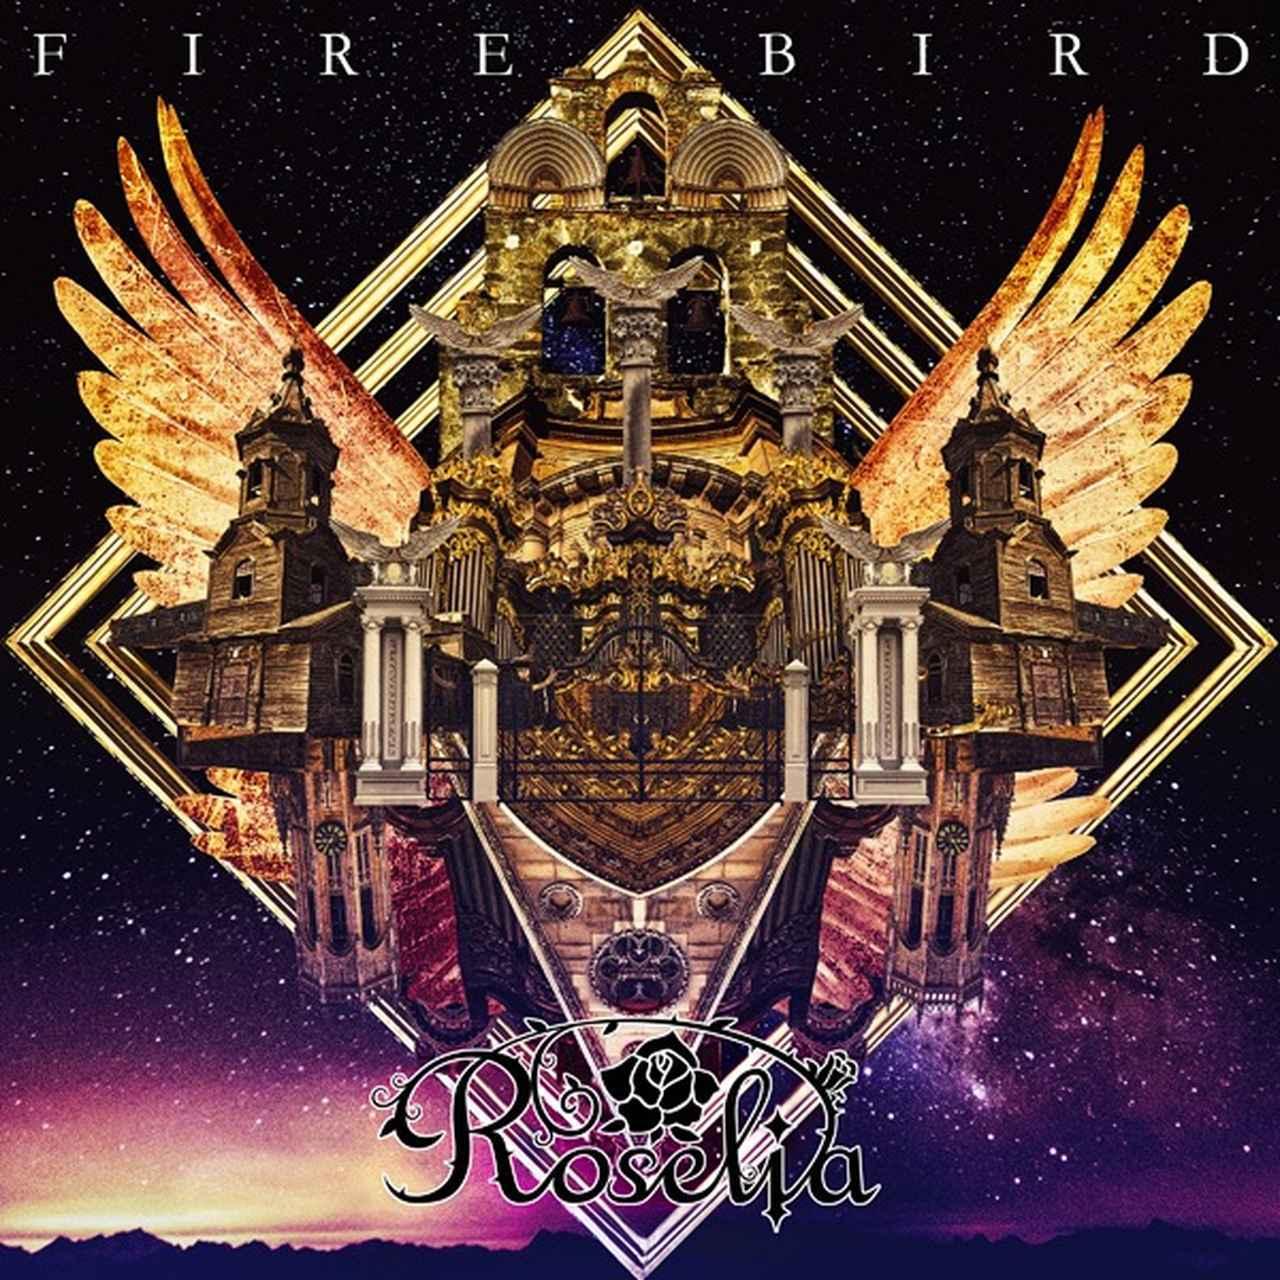 画像: FIRE BIRD/Roselia